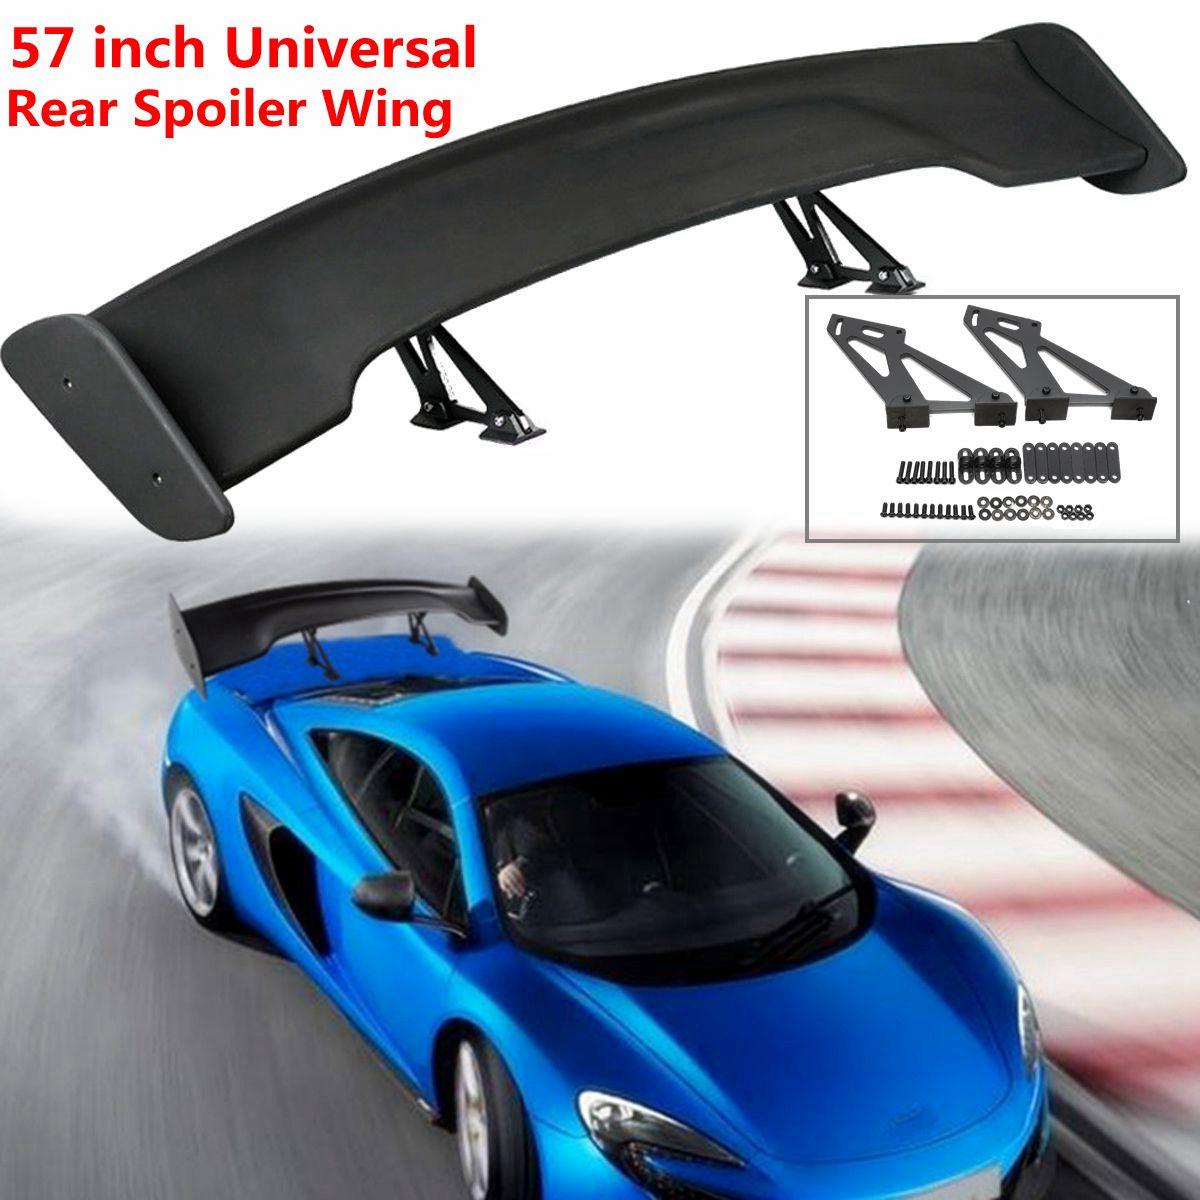 57 черный Универсальный тупой черный Регулируемый автомобиль легкий вес GT заднее крыло спойлер хвост крышка багажника губы для BMW/Benz